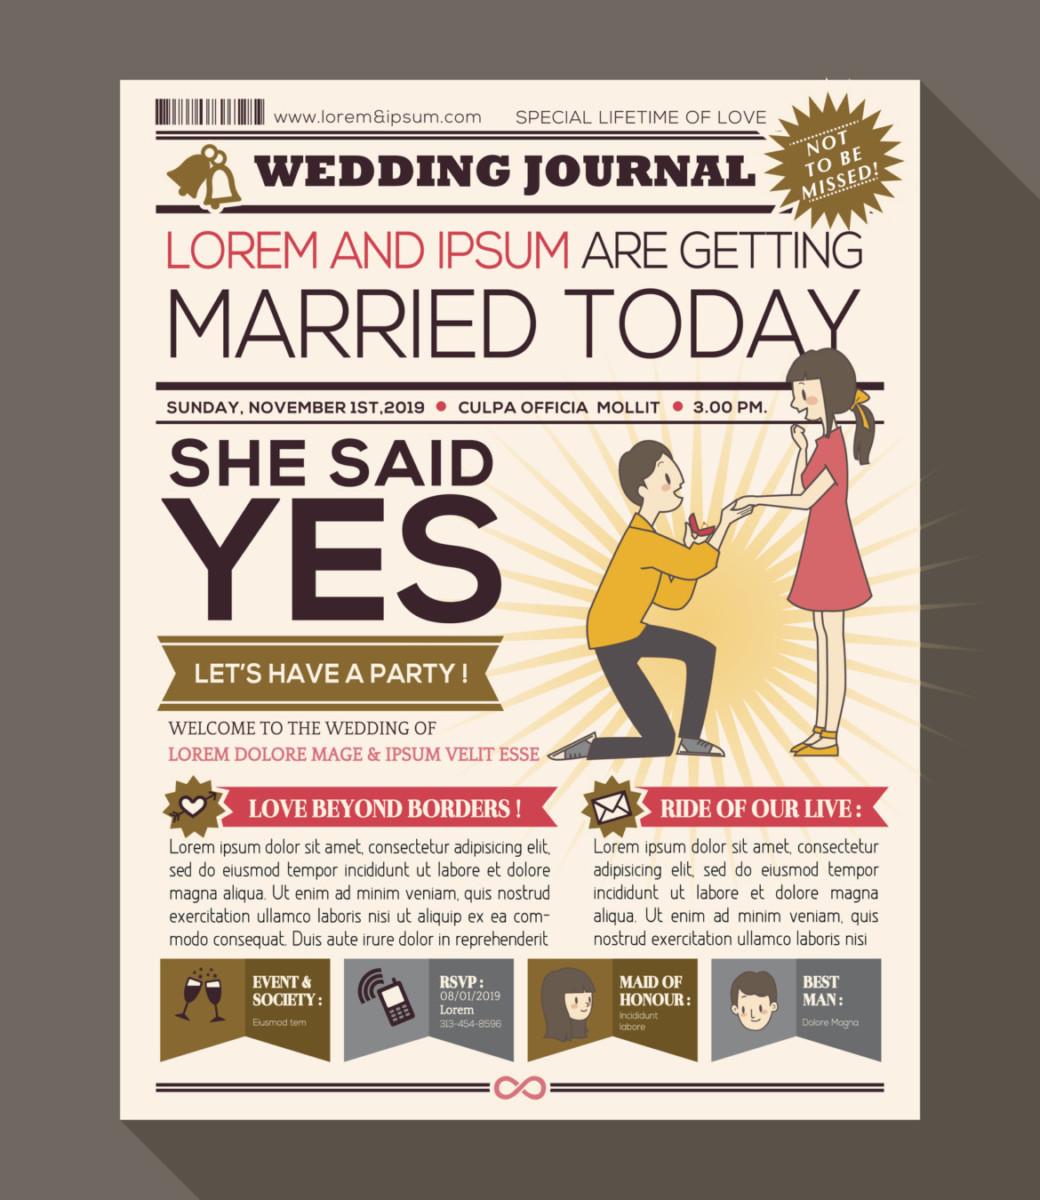 Hochzeitszeitung: Ideen und Inspiration für ein unvergessliches